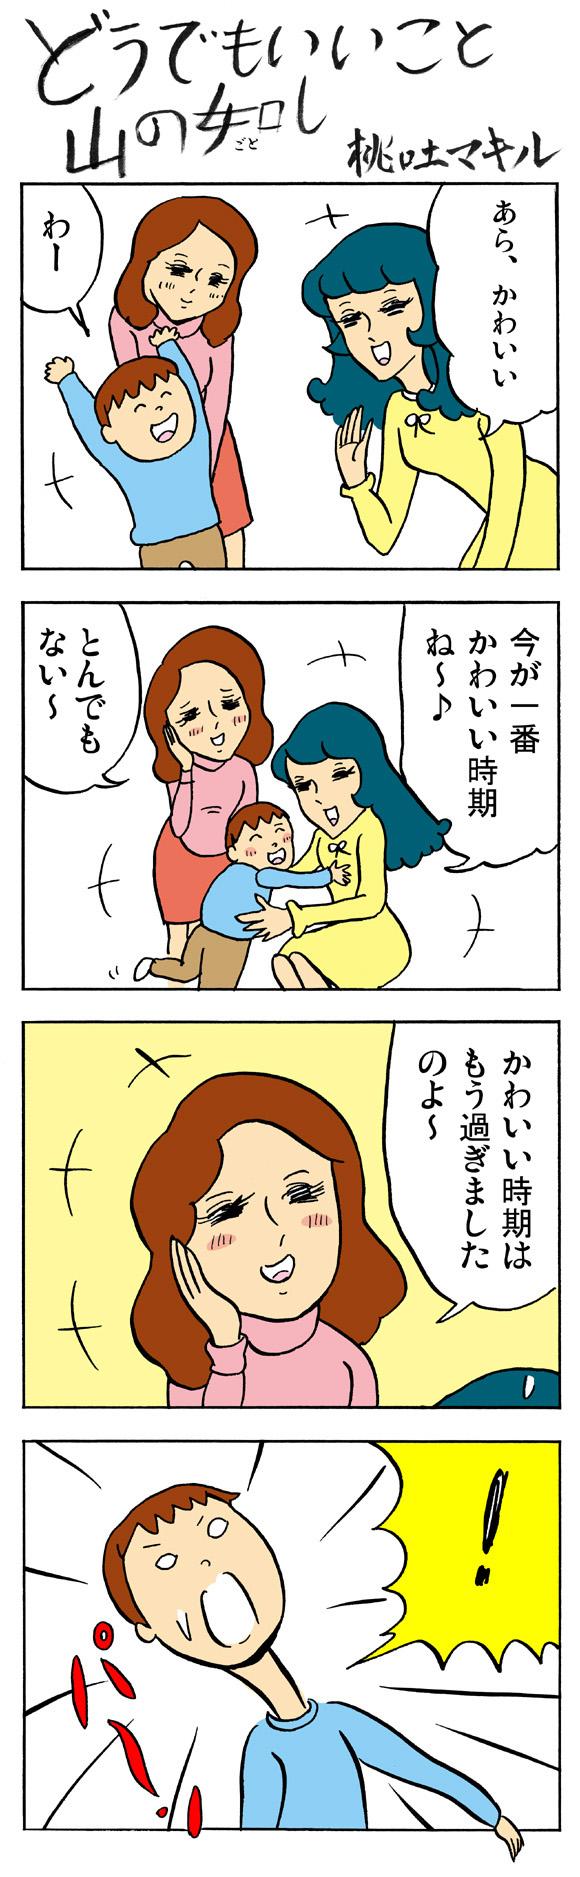 【まんが】どうでもいいこと山の如し「第16話:かわいい子供の如し」 by 桃吐マキル